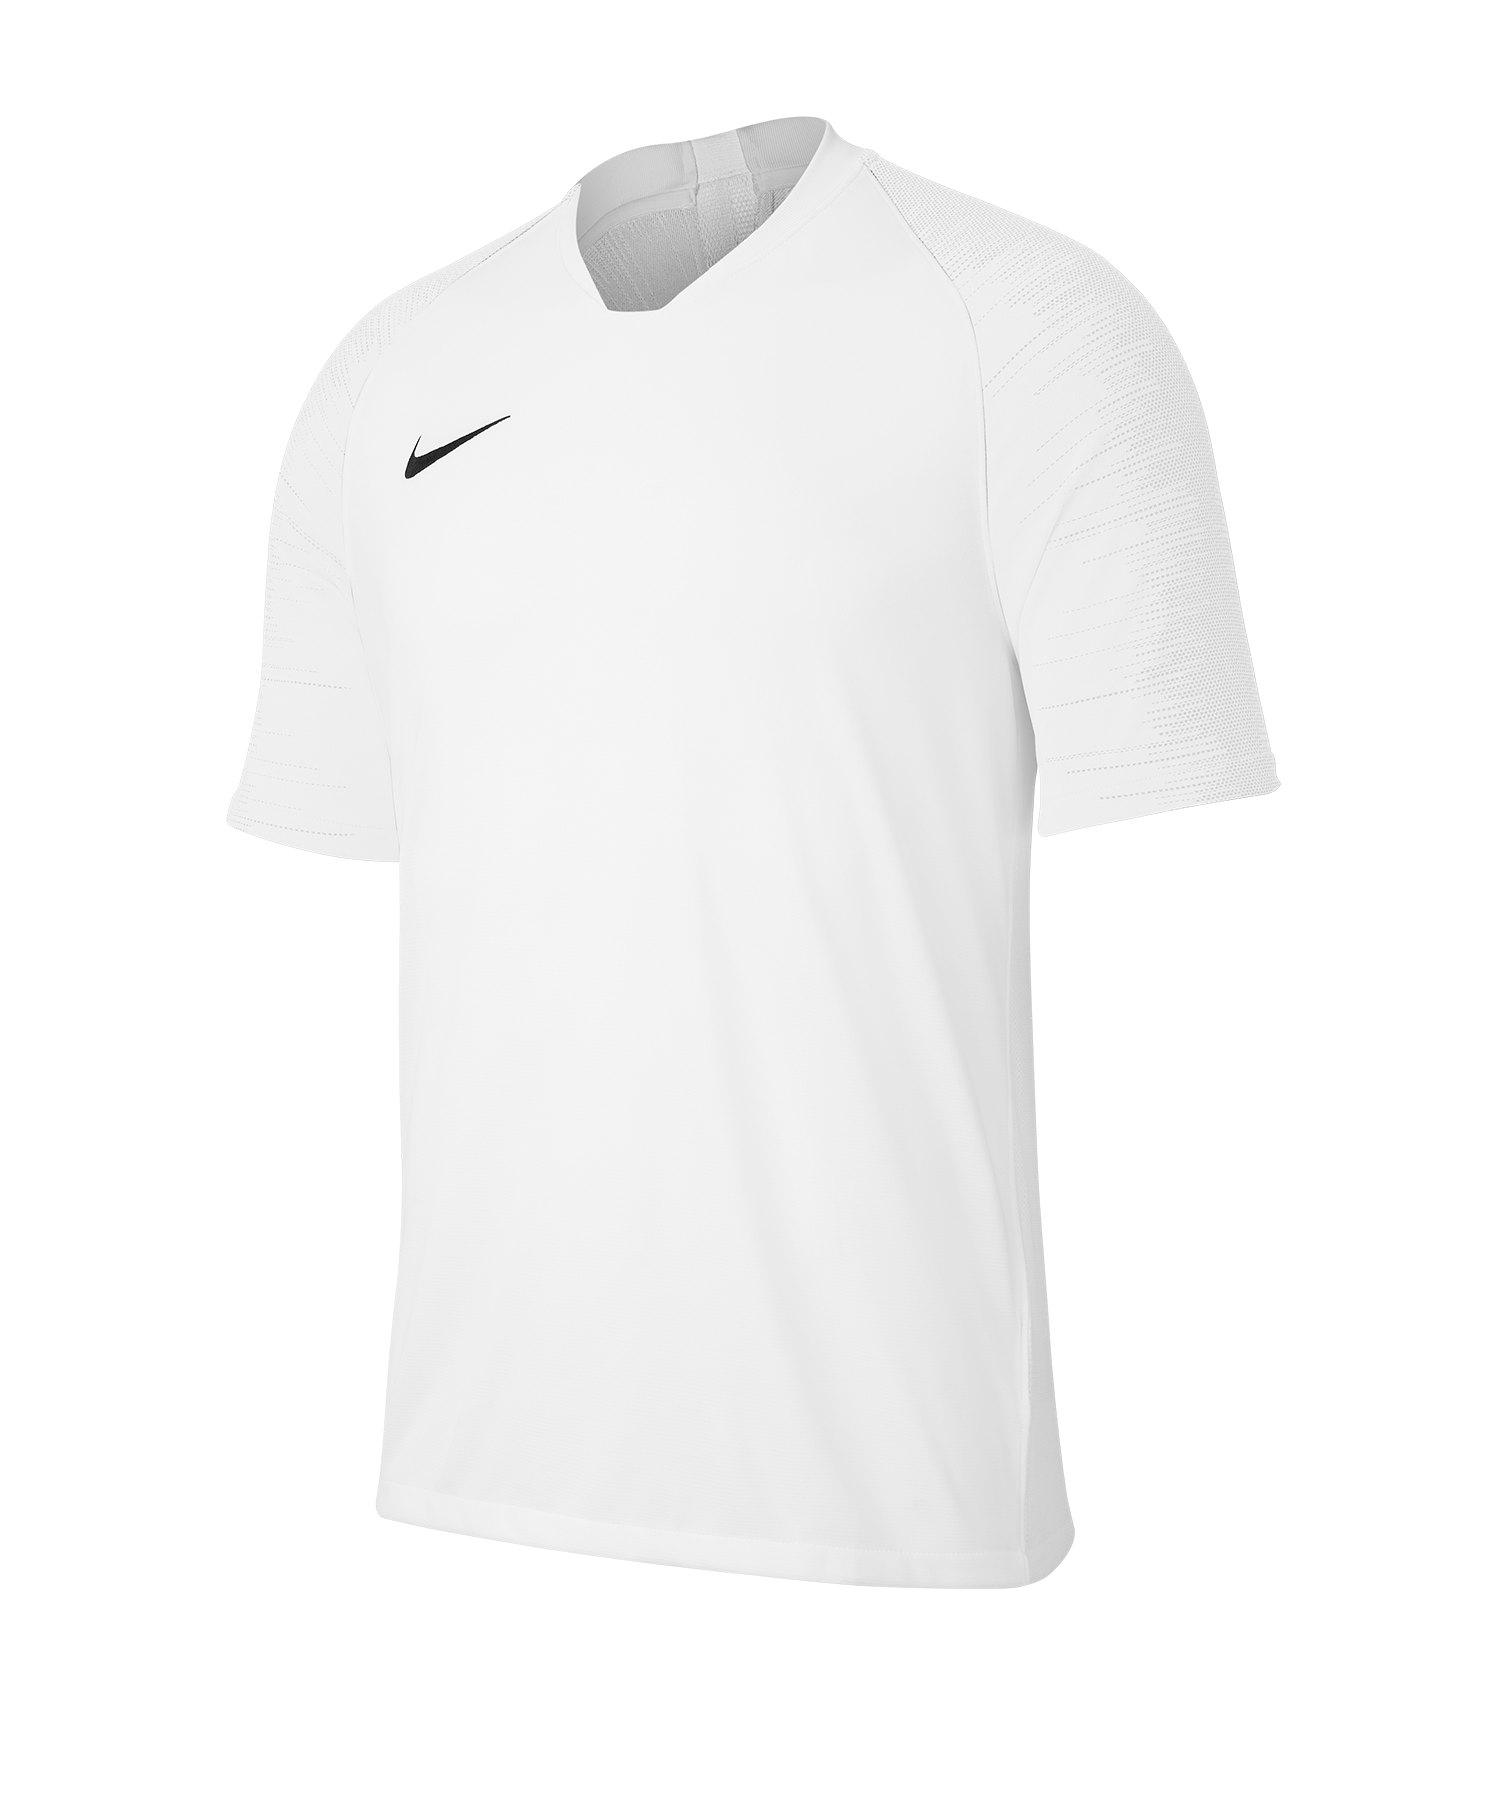 Nike Strike Trikot kurzarm Weiss F101 - Weiss